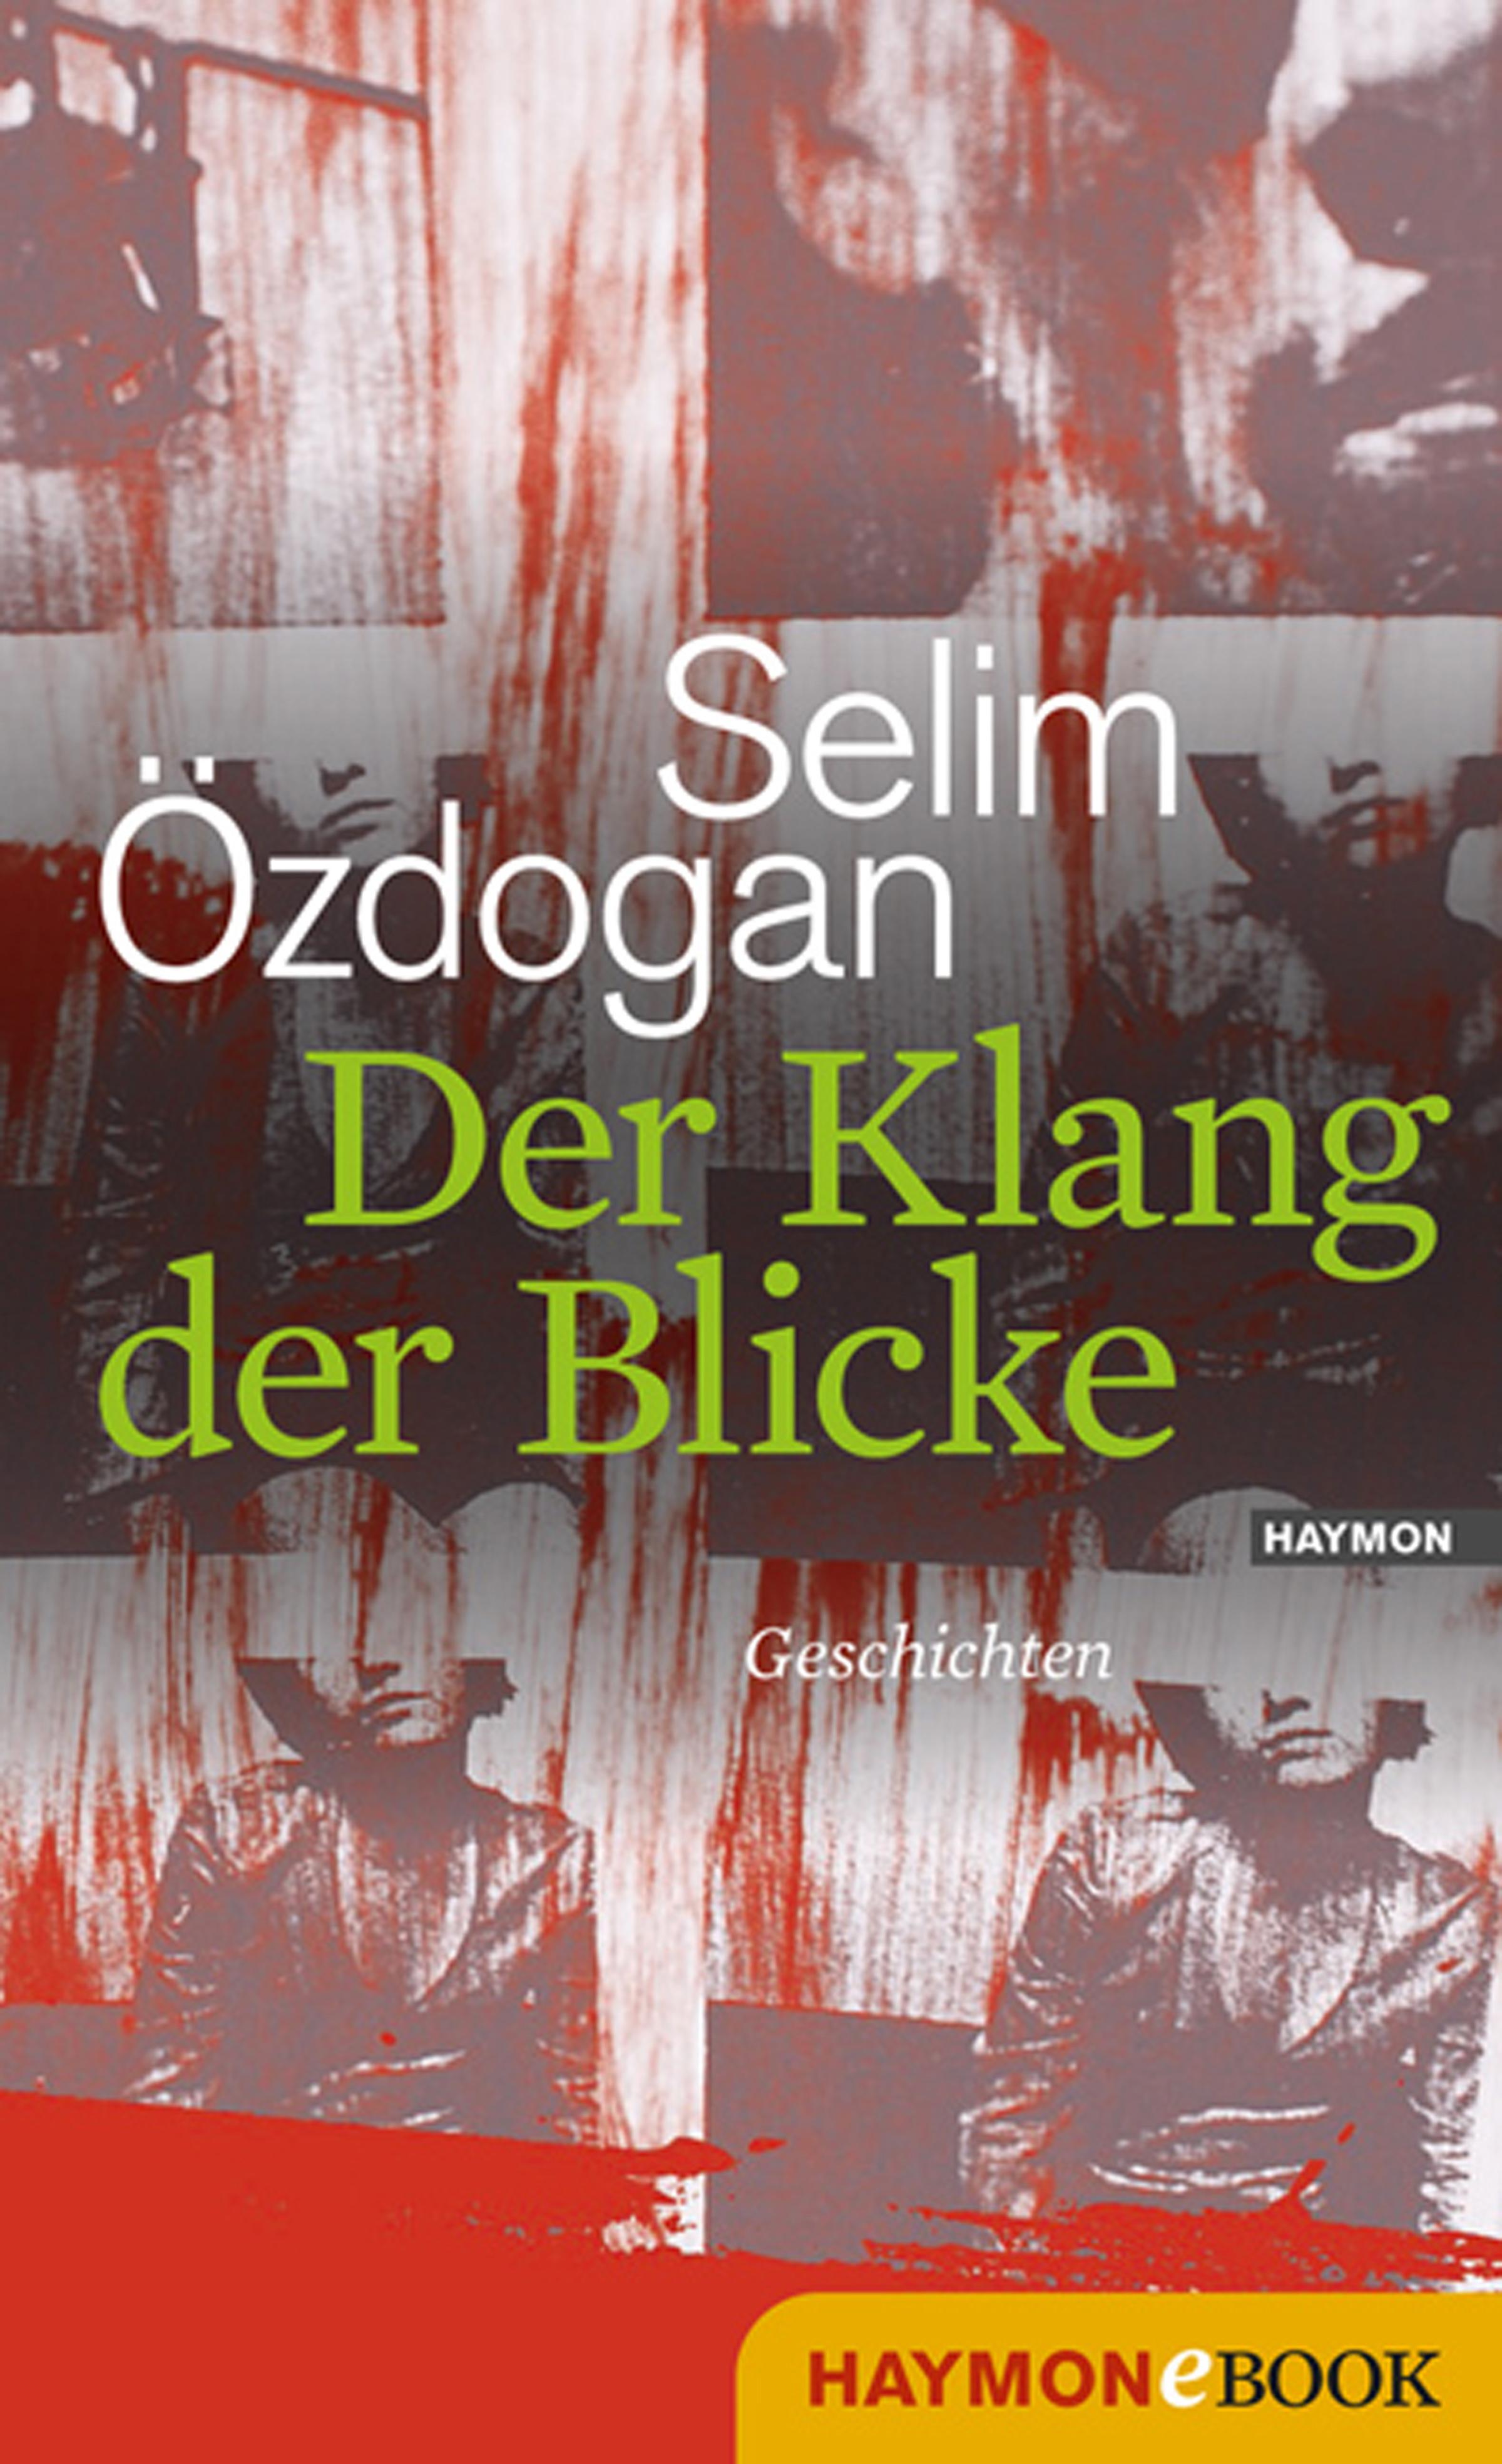 Selim Ozdogan Der Klang der Blicke patricia kelly der klang meines lebens